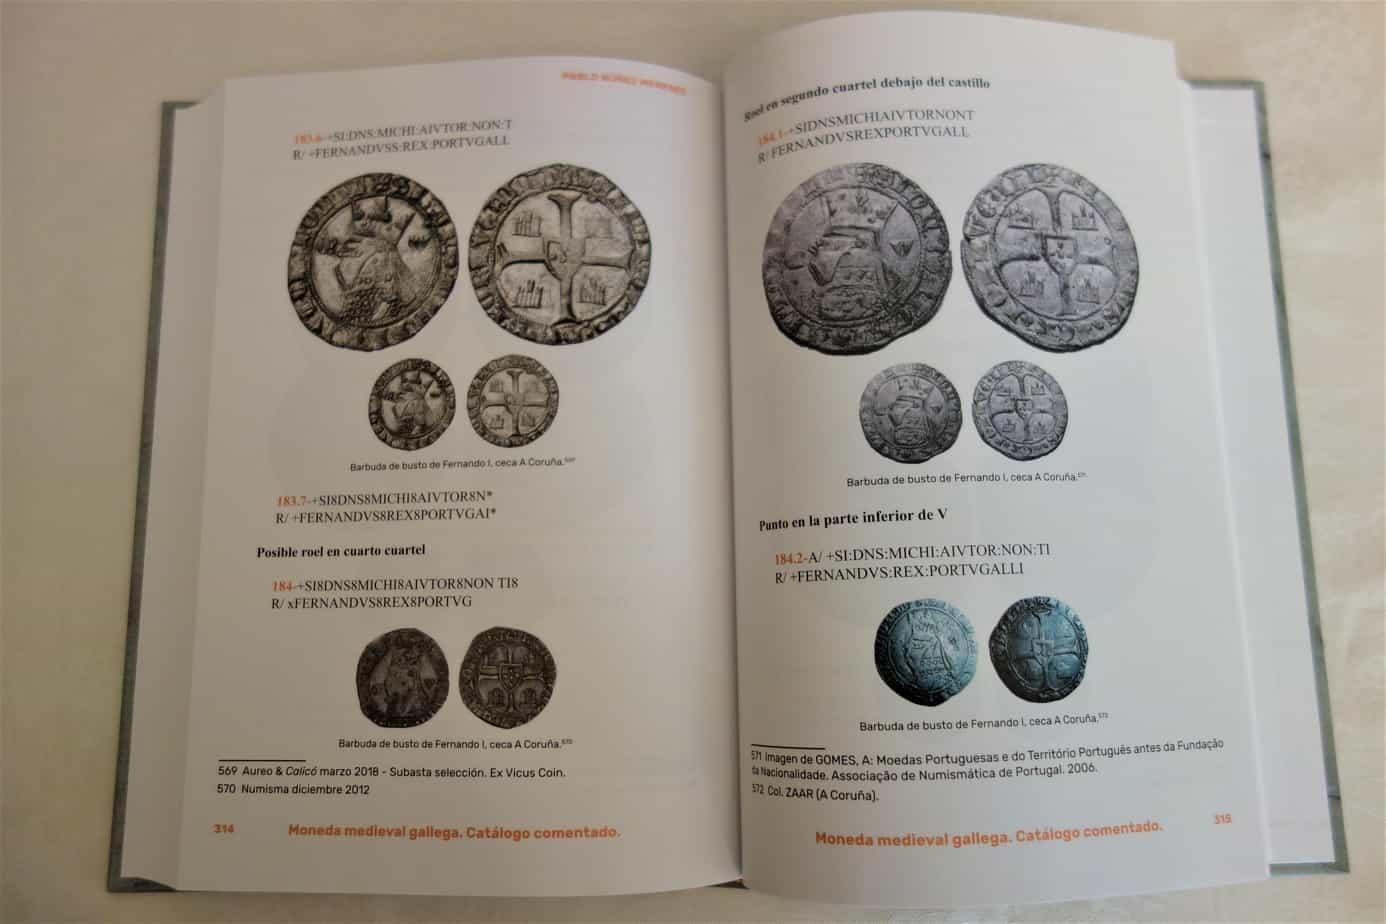 páginas-de catálogo